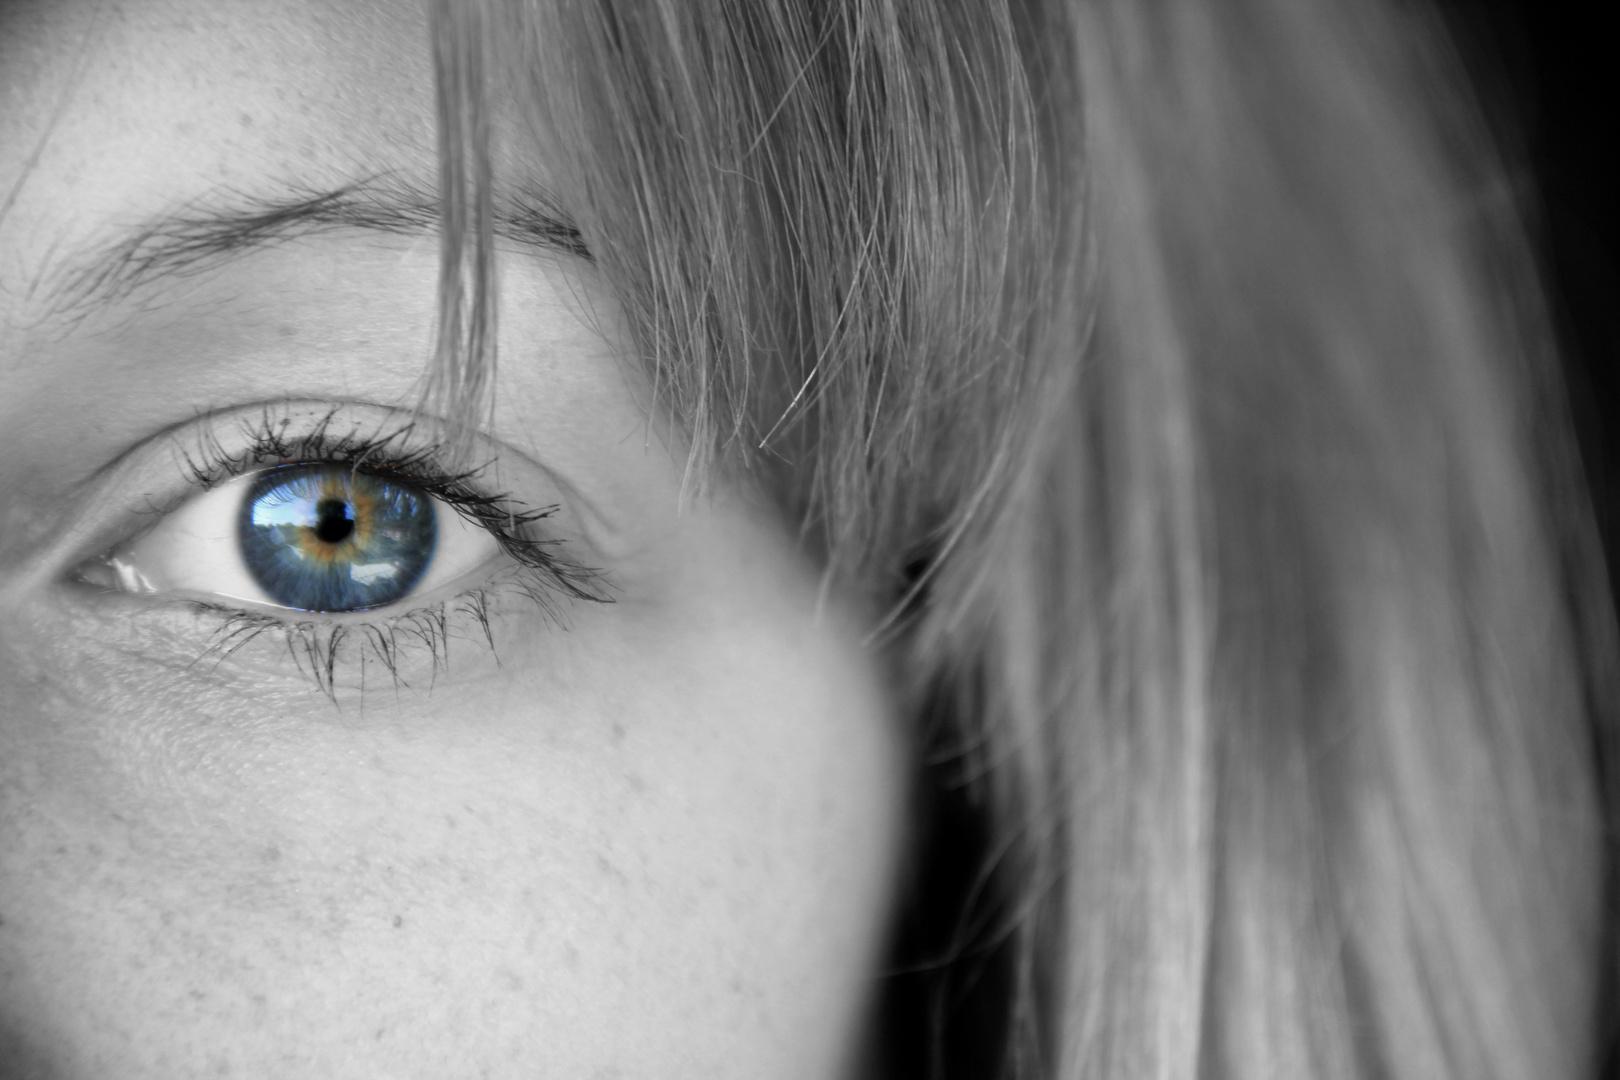 ohne Augen - kein Gesicht